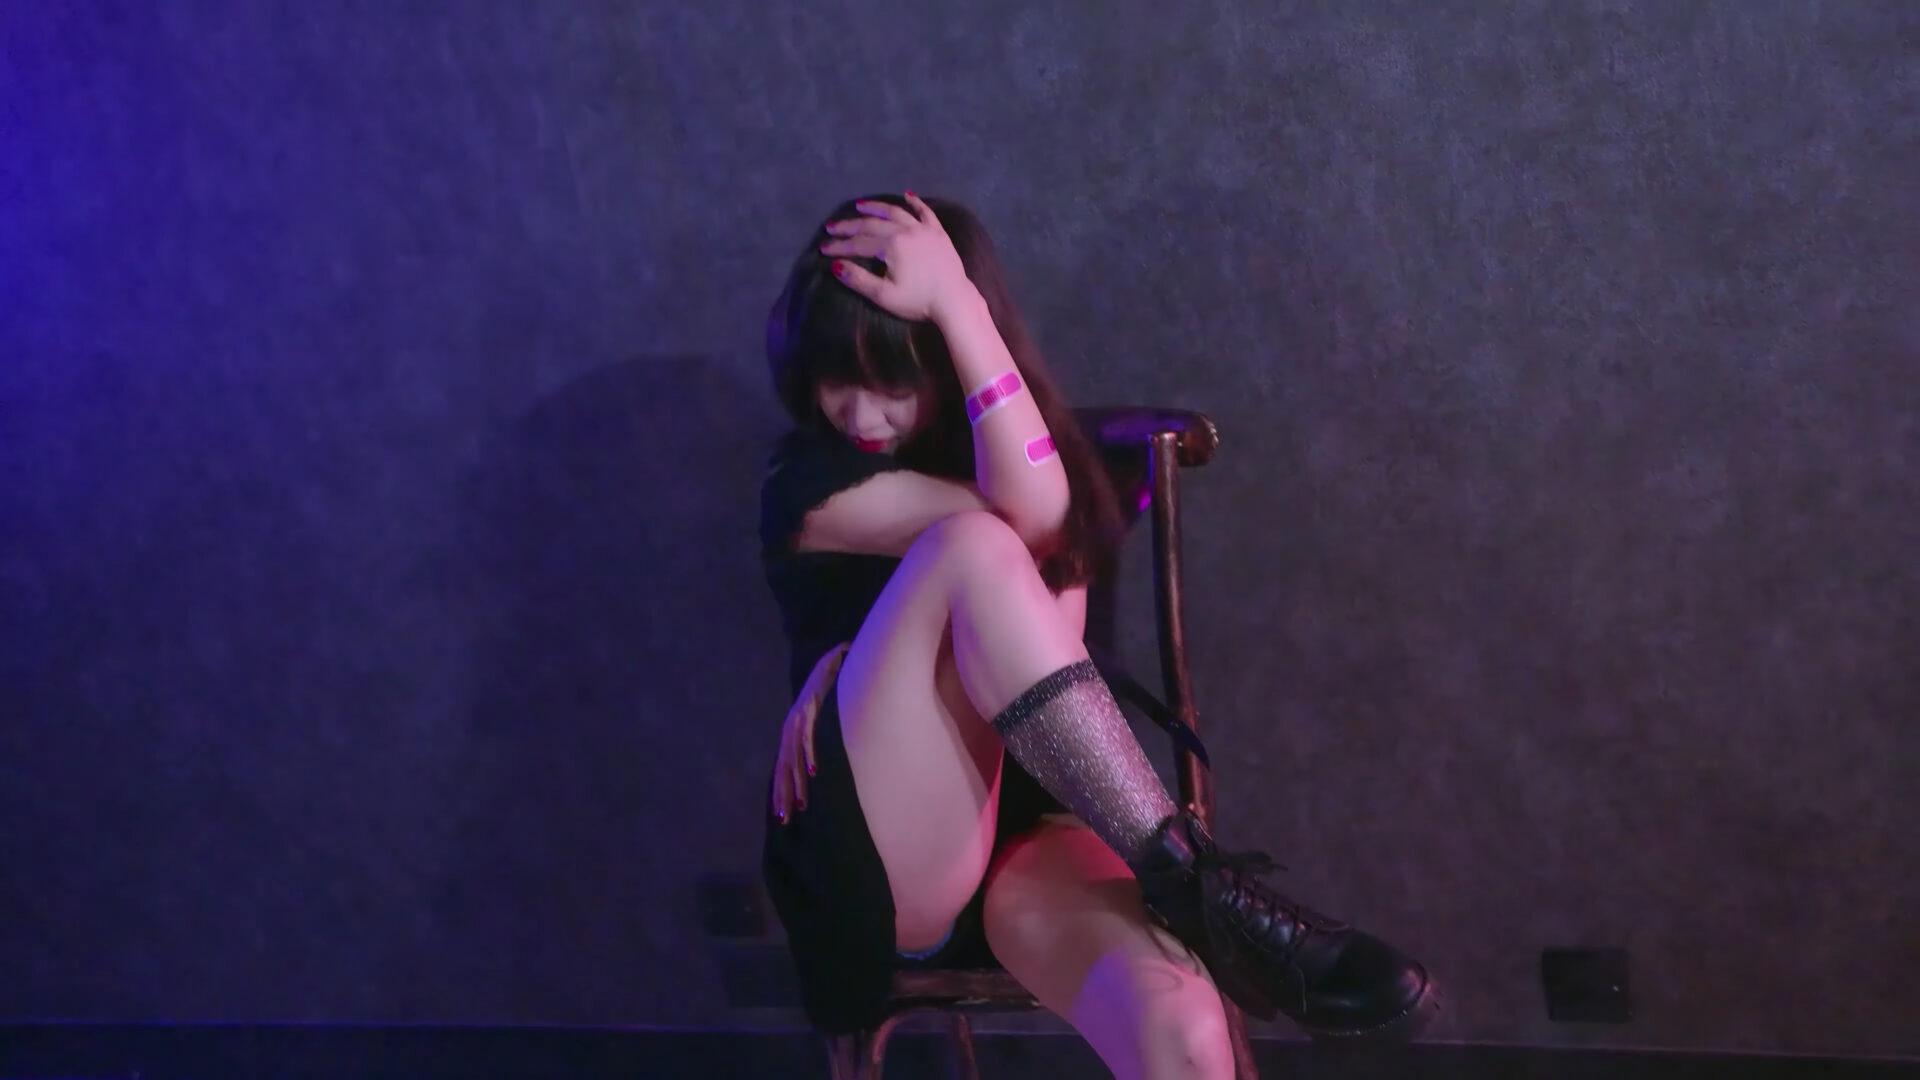 【アイリス】キュートなカノジョ syudou 踊ってみた 01:30